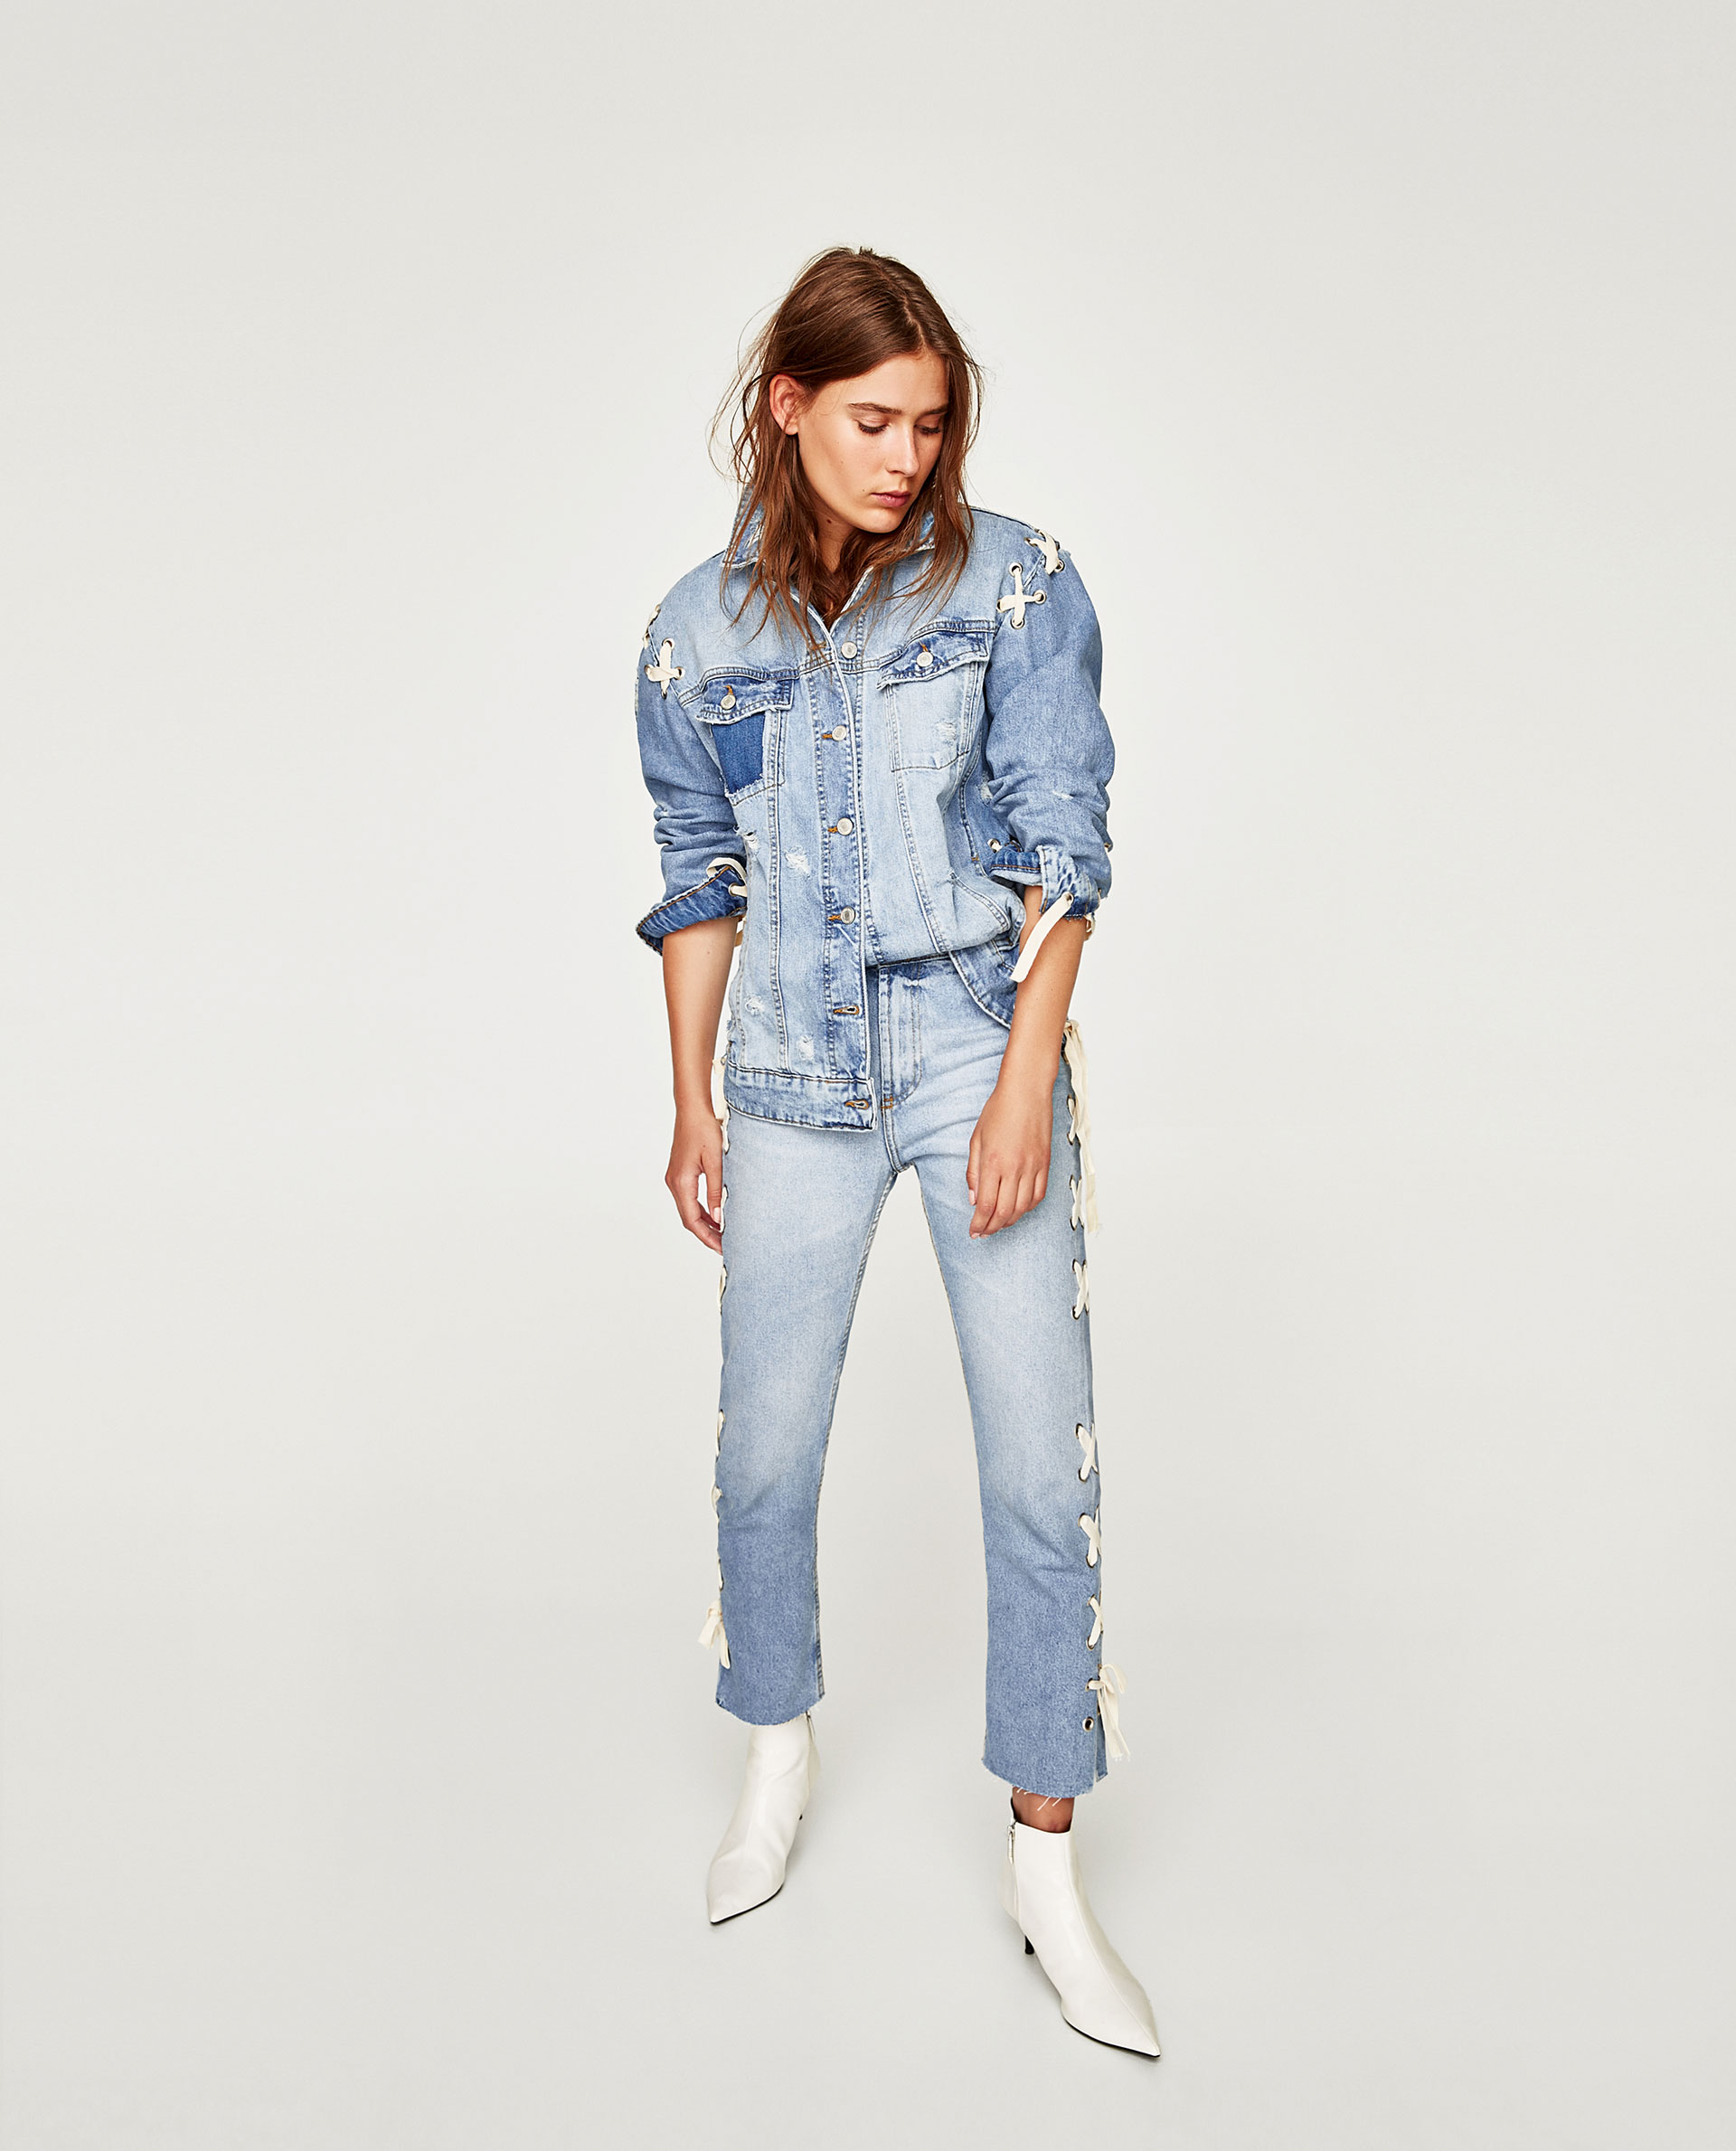 più gli Pourfemme fashion Giubbino jeans FOTO di abbinamenti w6nIEgERq